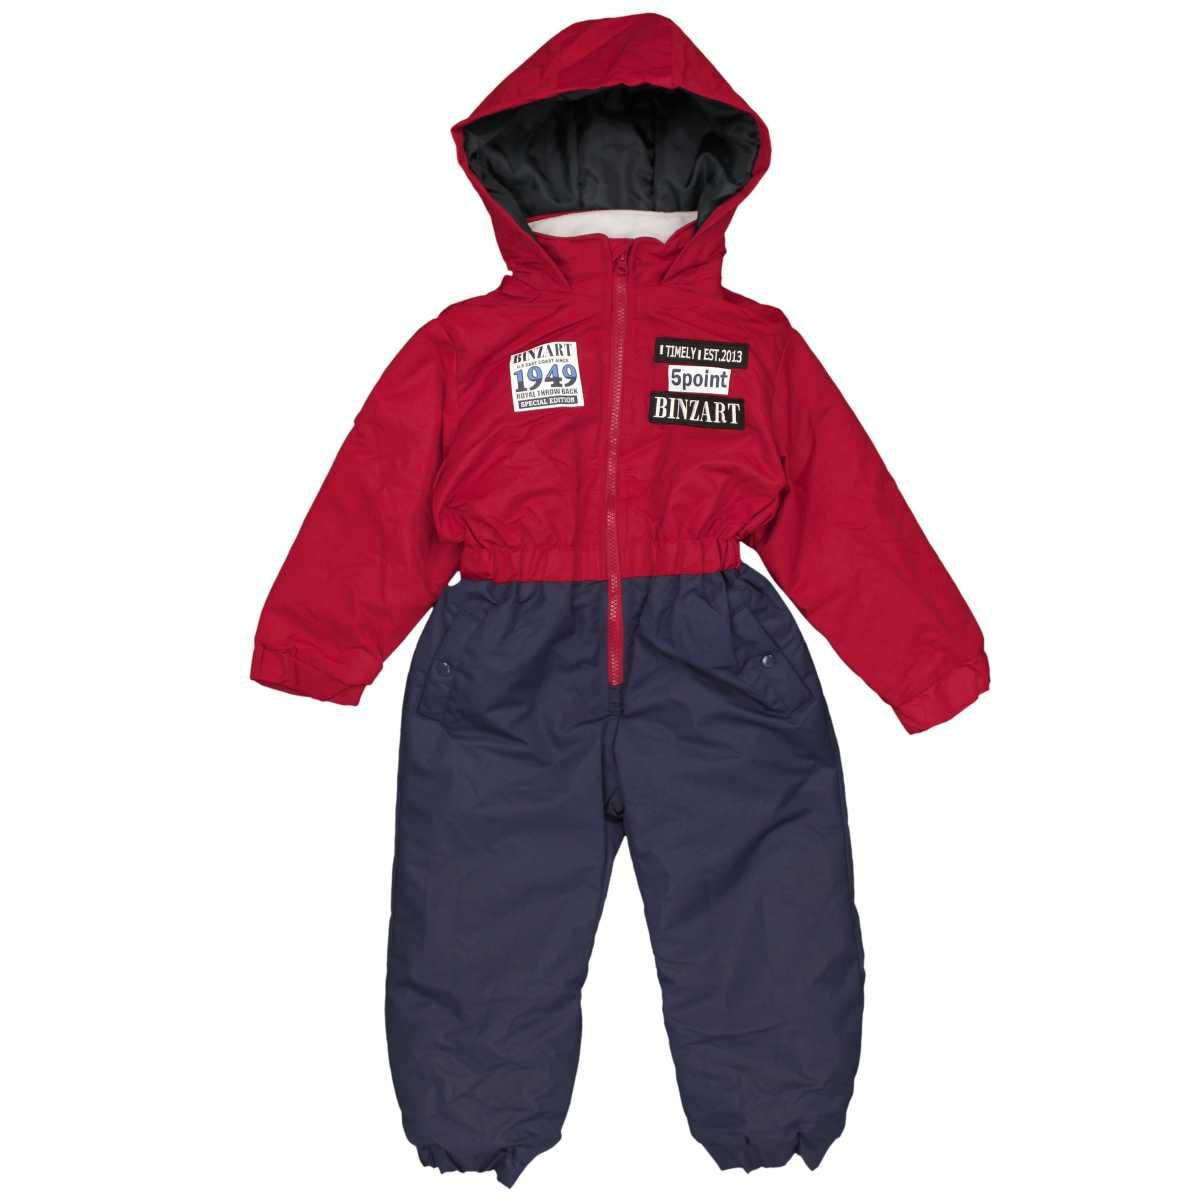 ジャンプスーツ男の子キッズ男の子キッズ中綿入りジャンプスーツ防寒耐水圧2000mmつなぎスノーコンビ